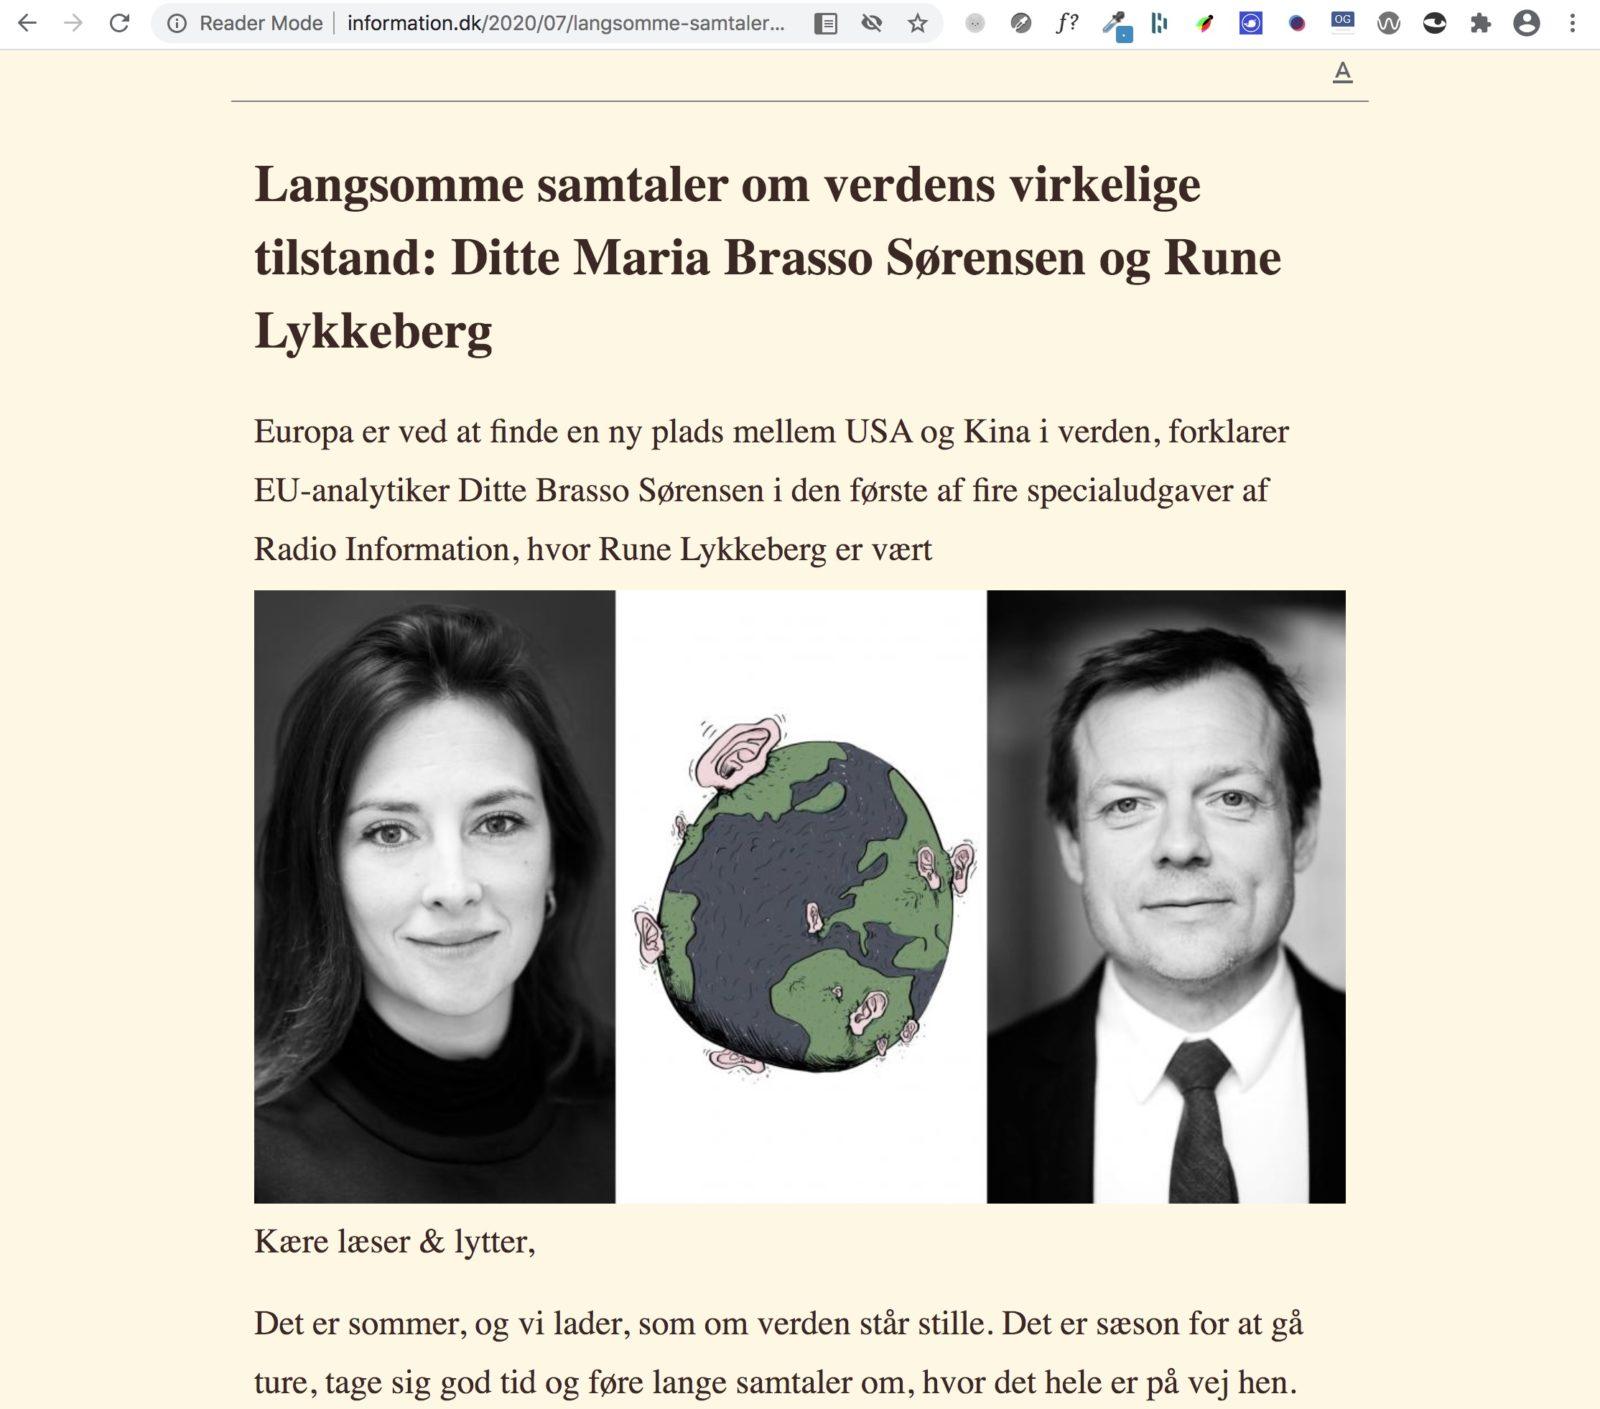 """Information.dk - artikel vist i """"Reader mode"""" med tilpasset skriftstørrelse og baggrundsfarve."""